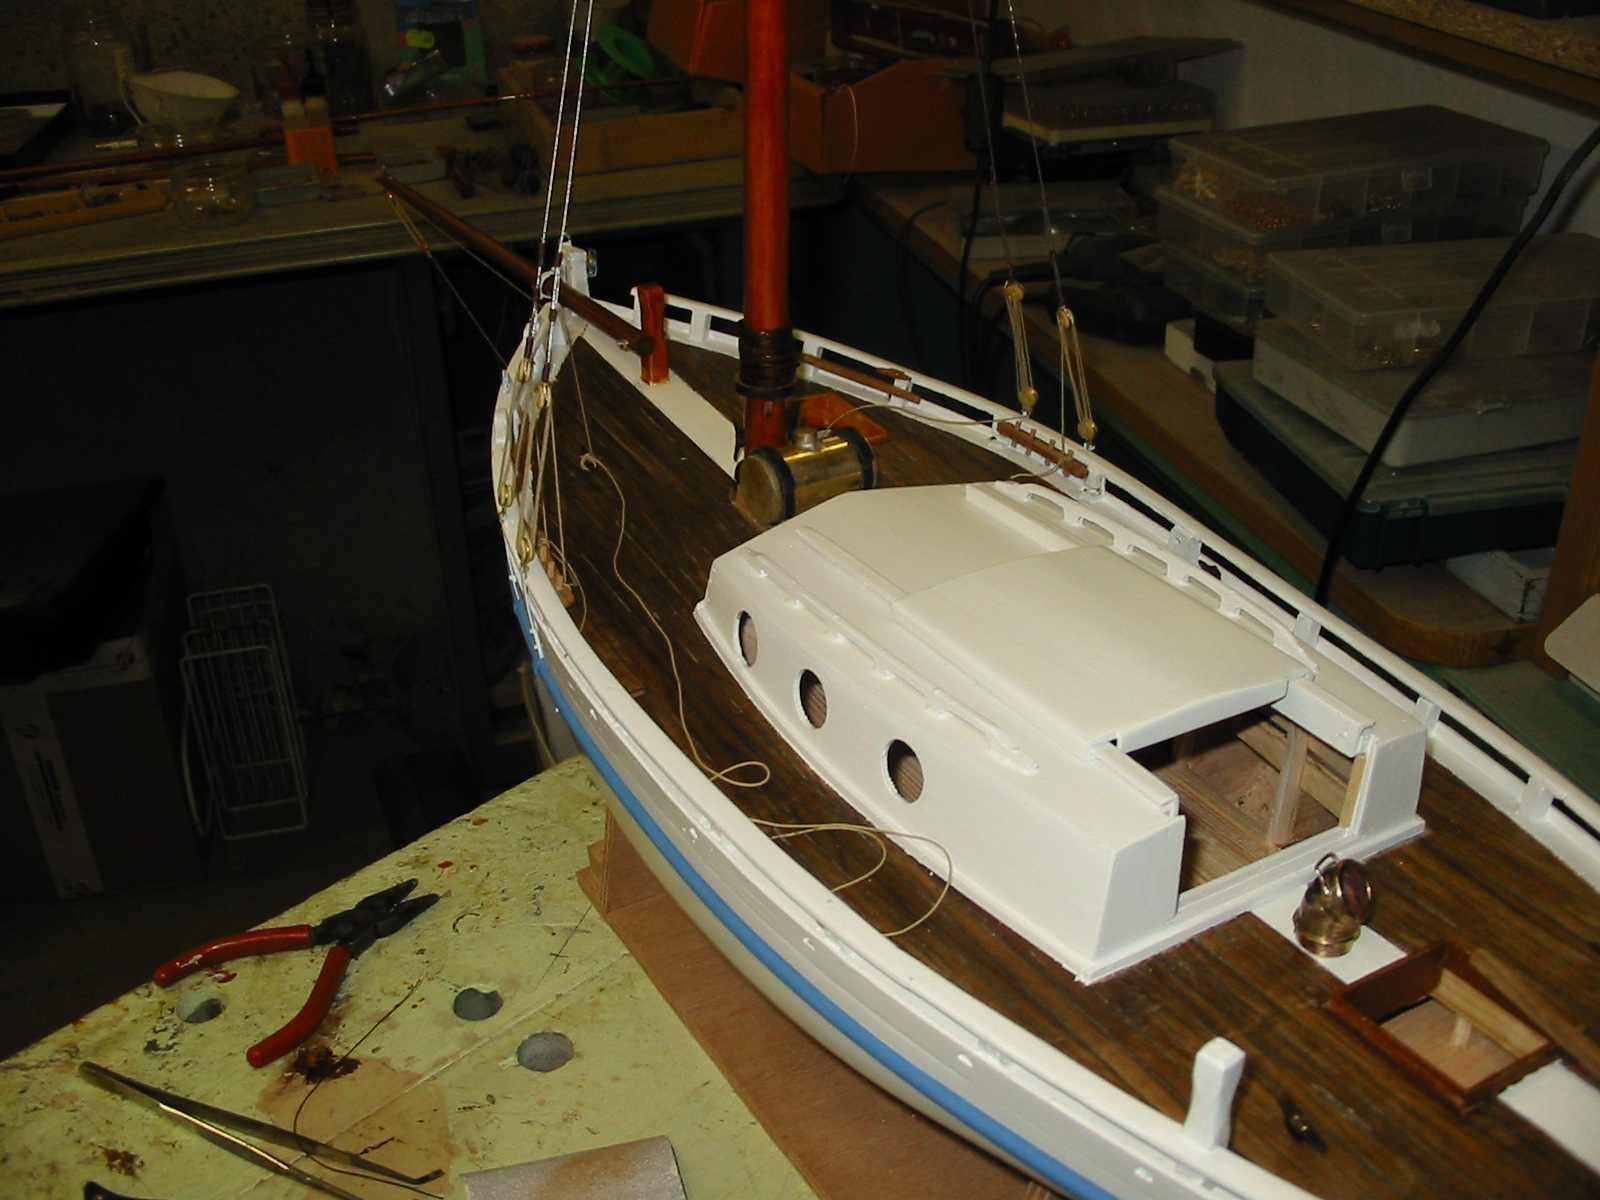 Maquette de En père peinard Langoustier Bateau de pêche ancien à voile